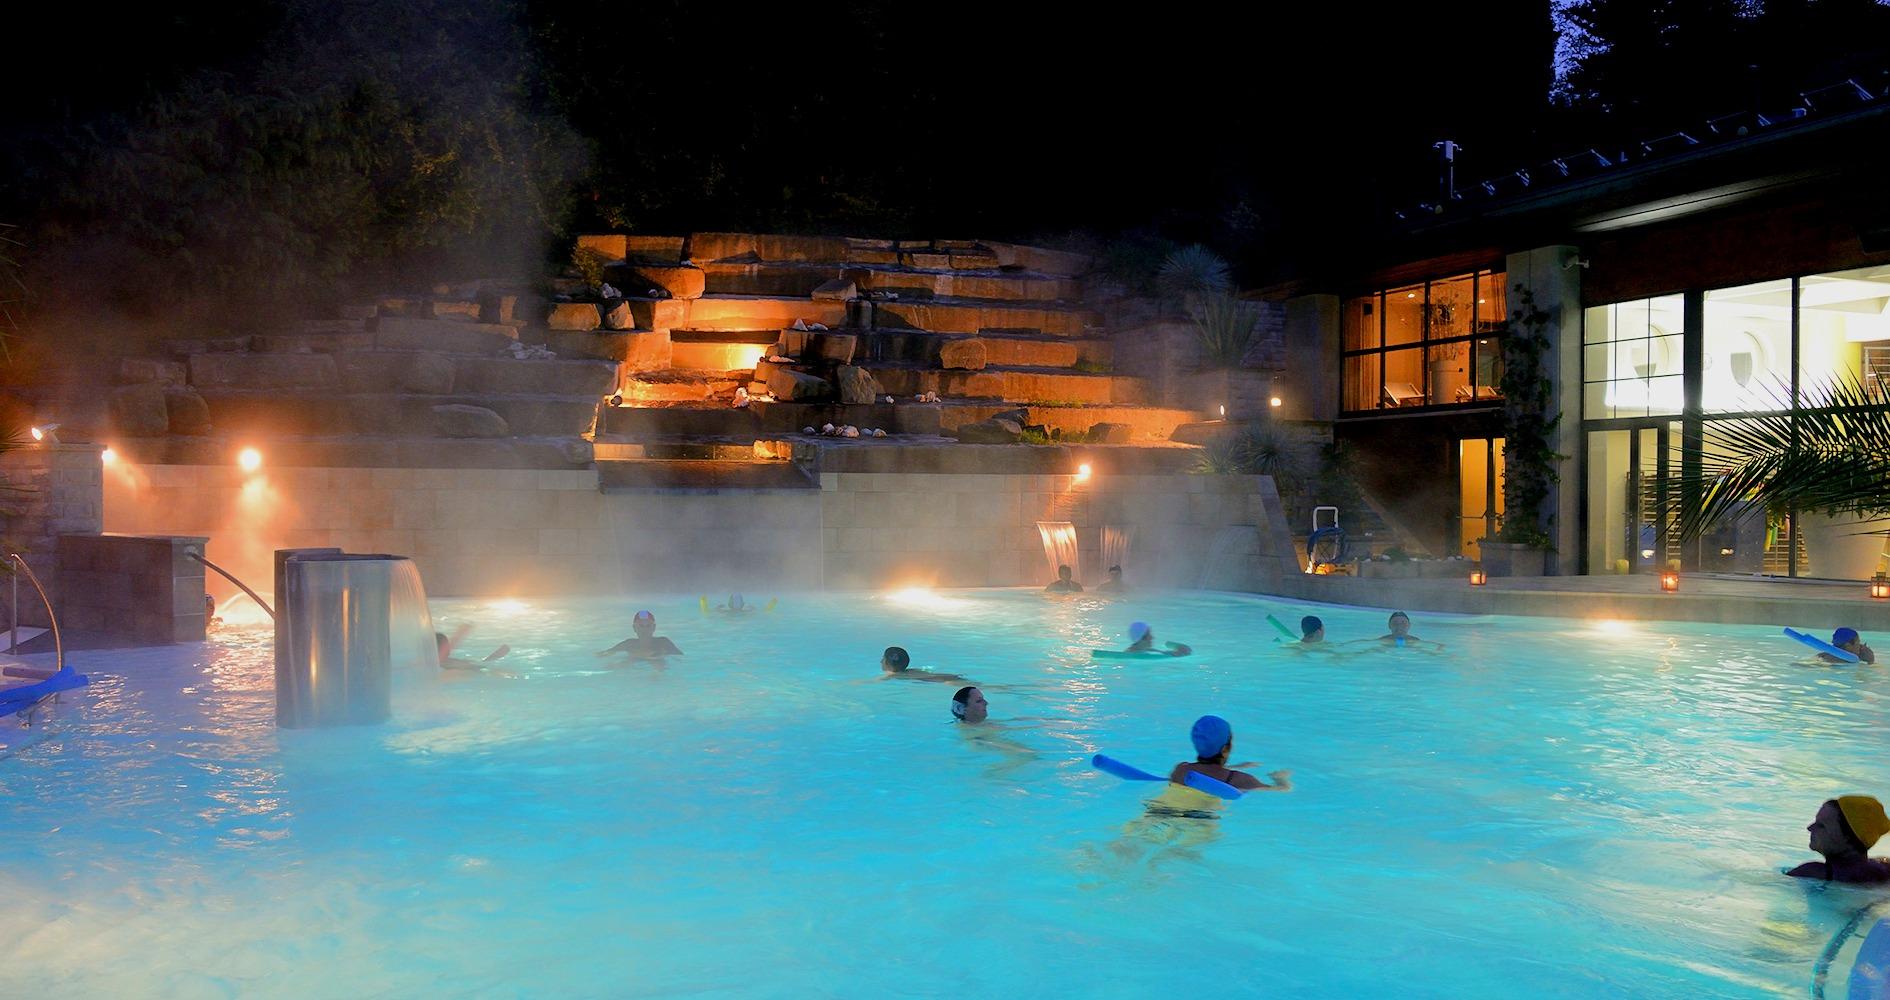 10 luoghi da vedere nella romagna cesenate anima e pasta - Euroterme bagno di romagna orari ...